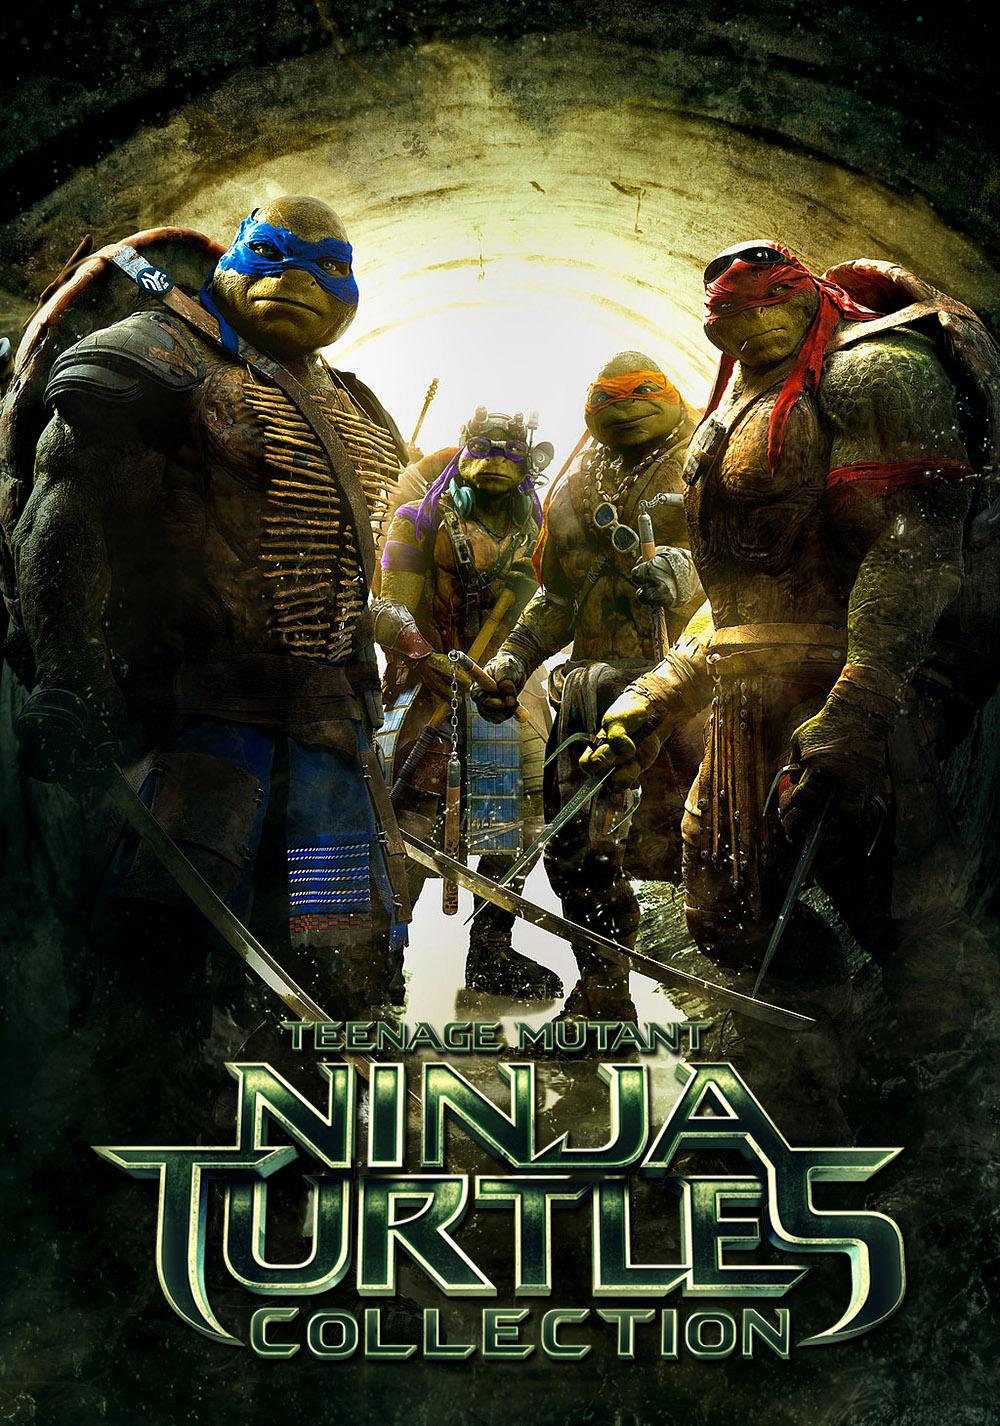 Teenage Mutant Ninja Turtles Film 2021